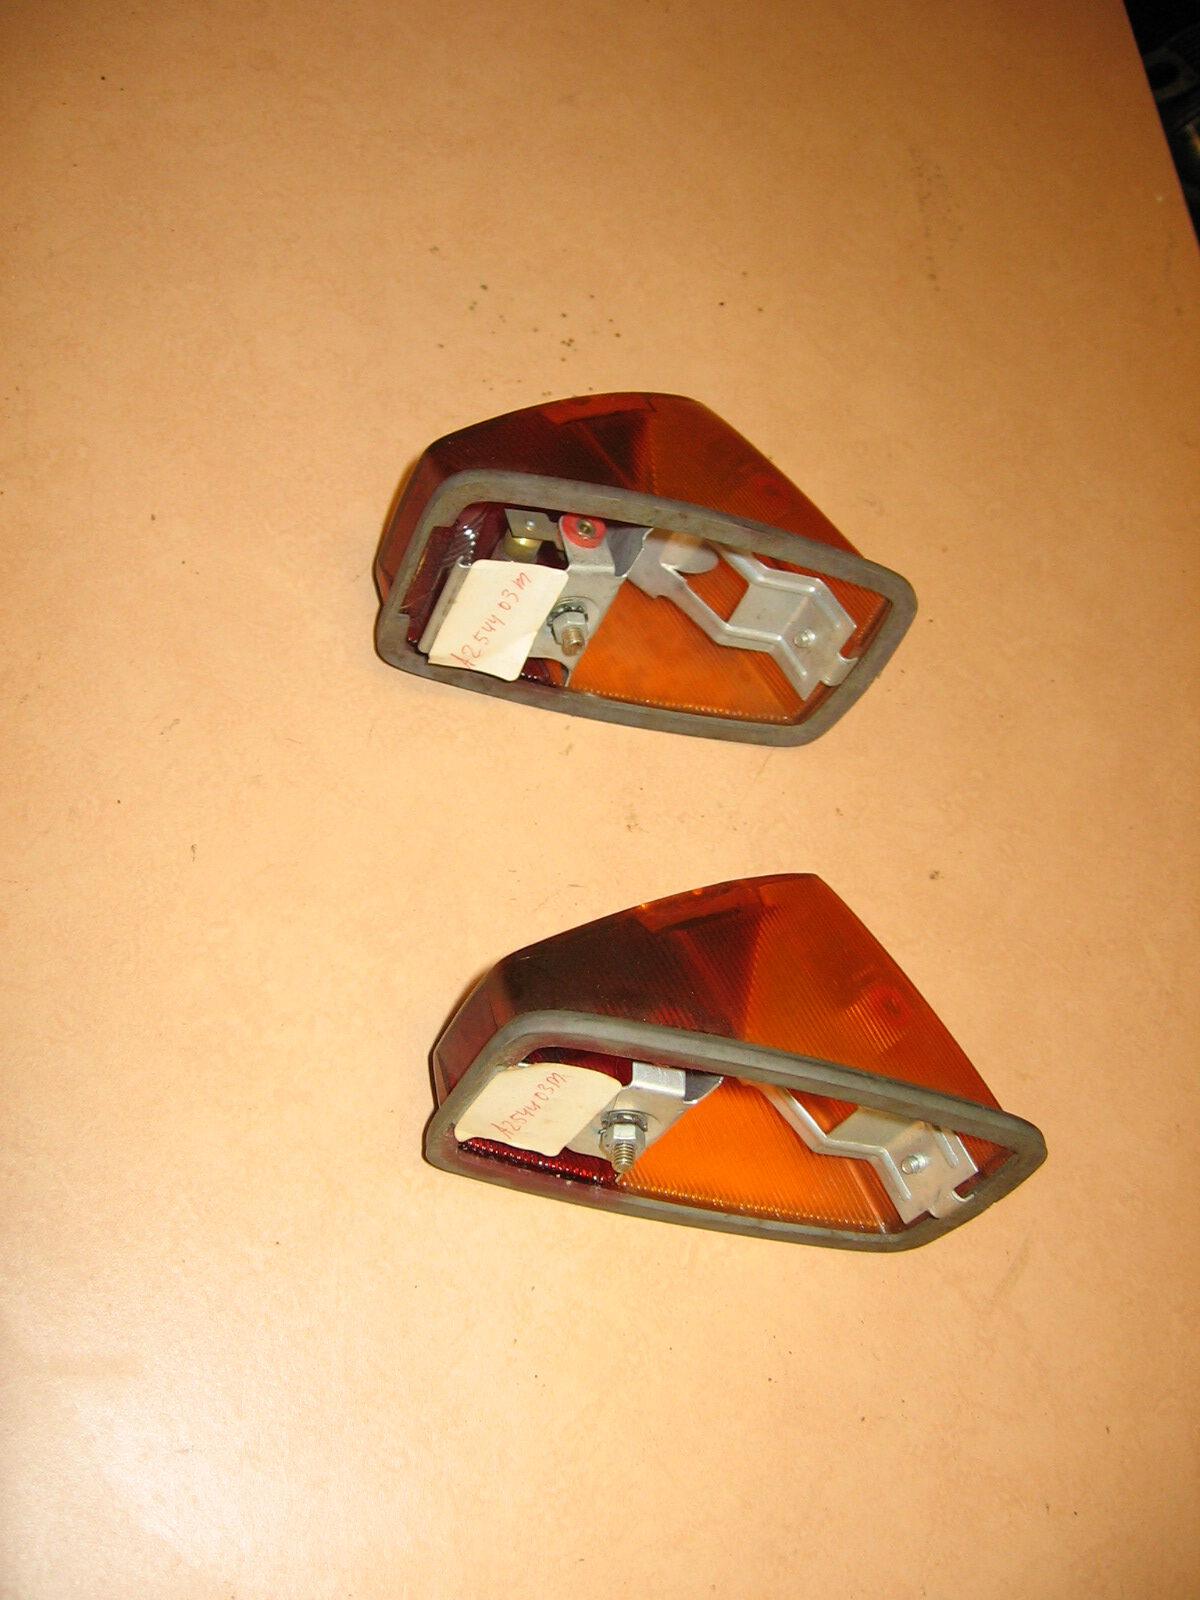 OD0491 een set achterlichten voor de 18PK, type Benelux,  compleet en NOS (New Old Stock) (idem aan OD0490)